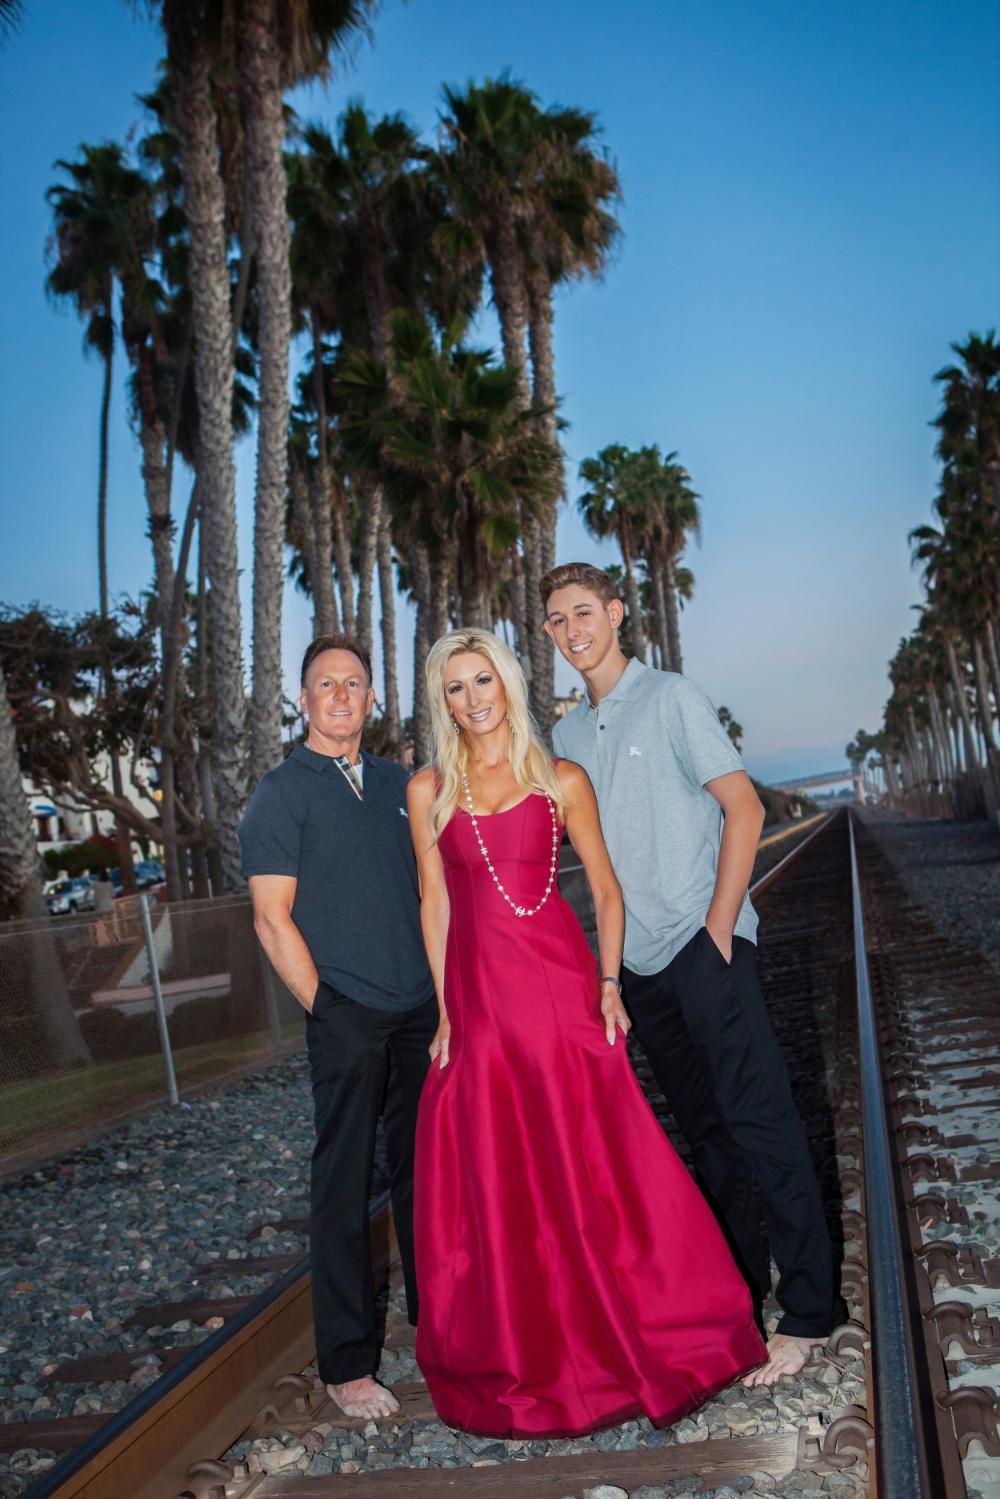 San Clememte, California Family Portrait Photography